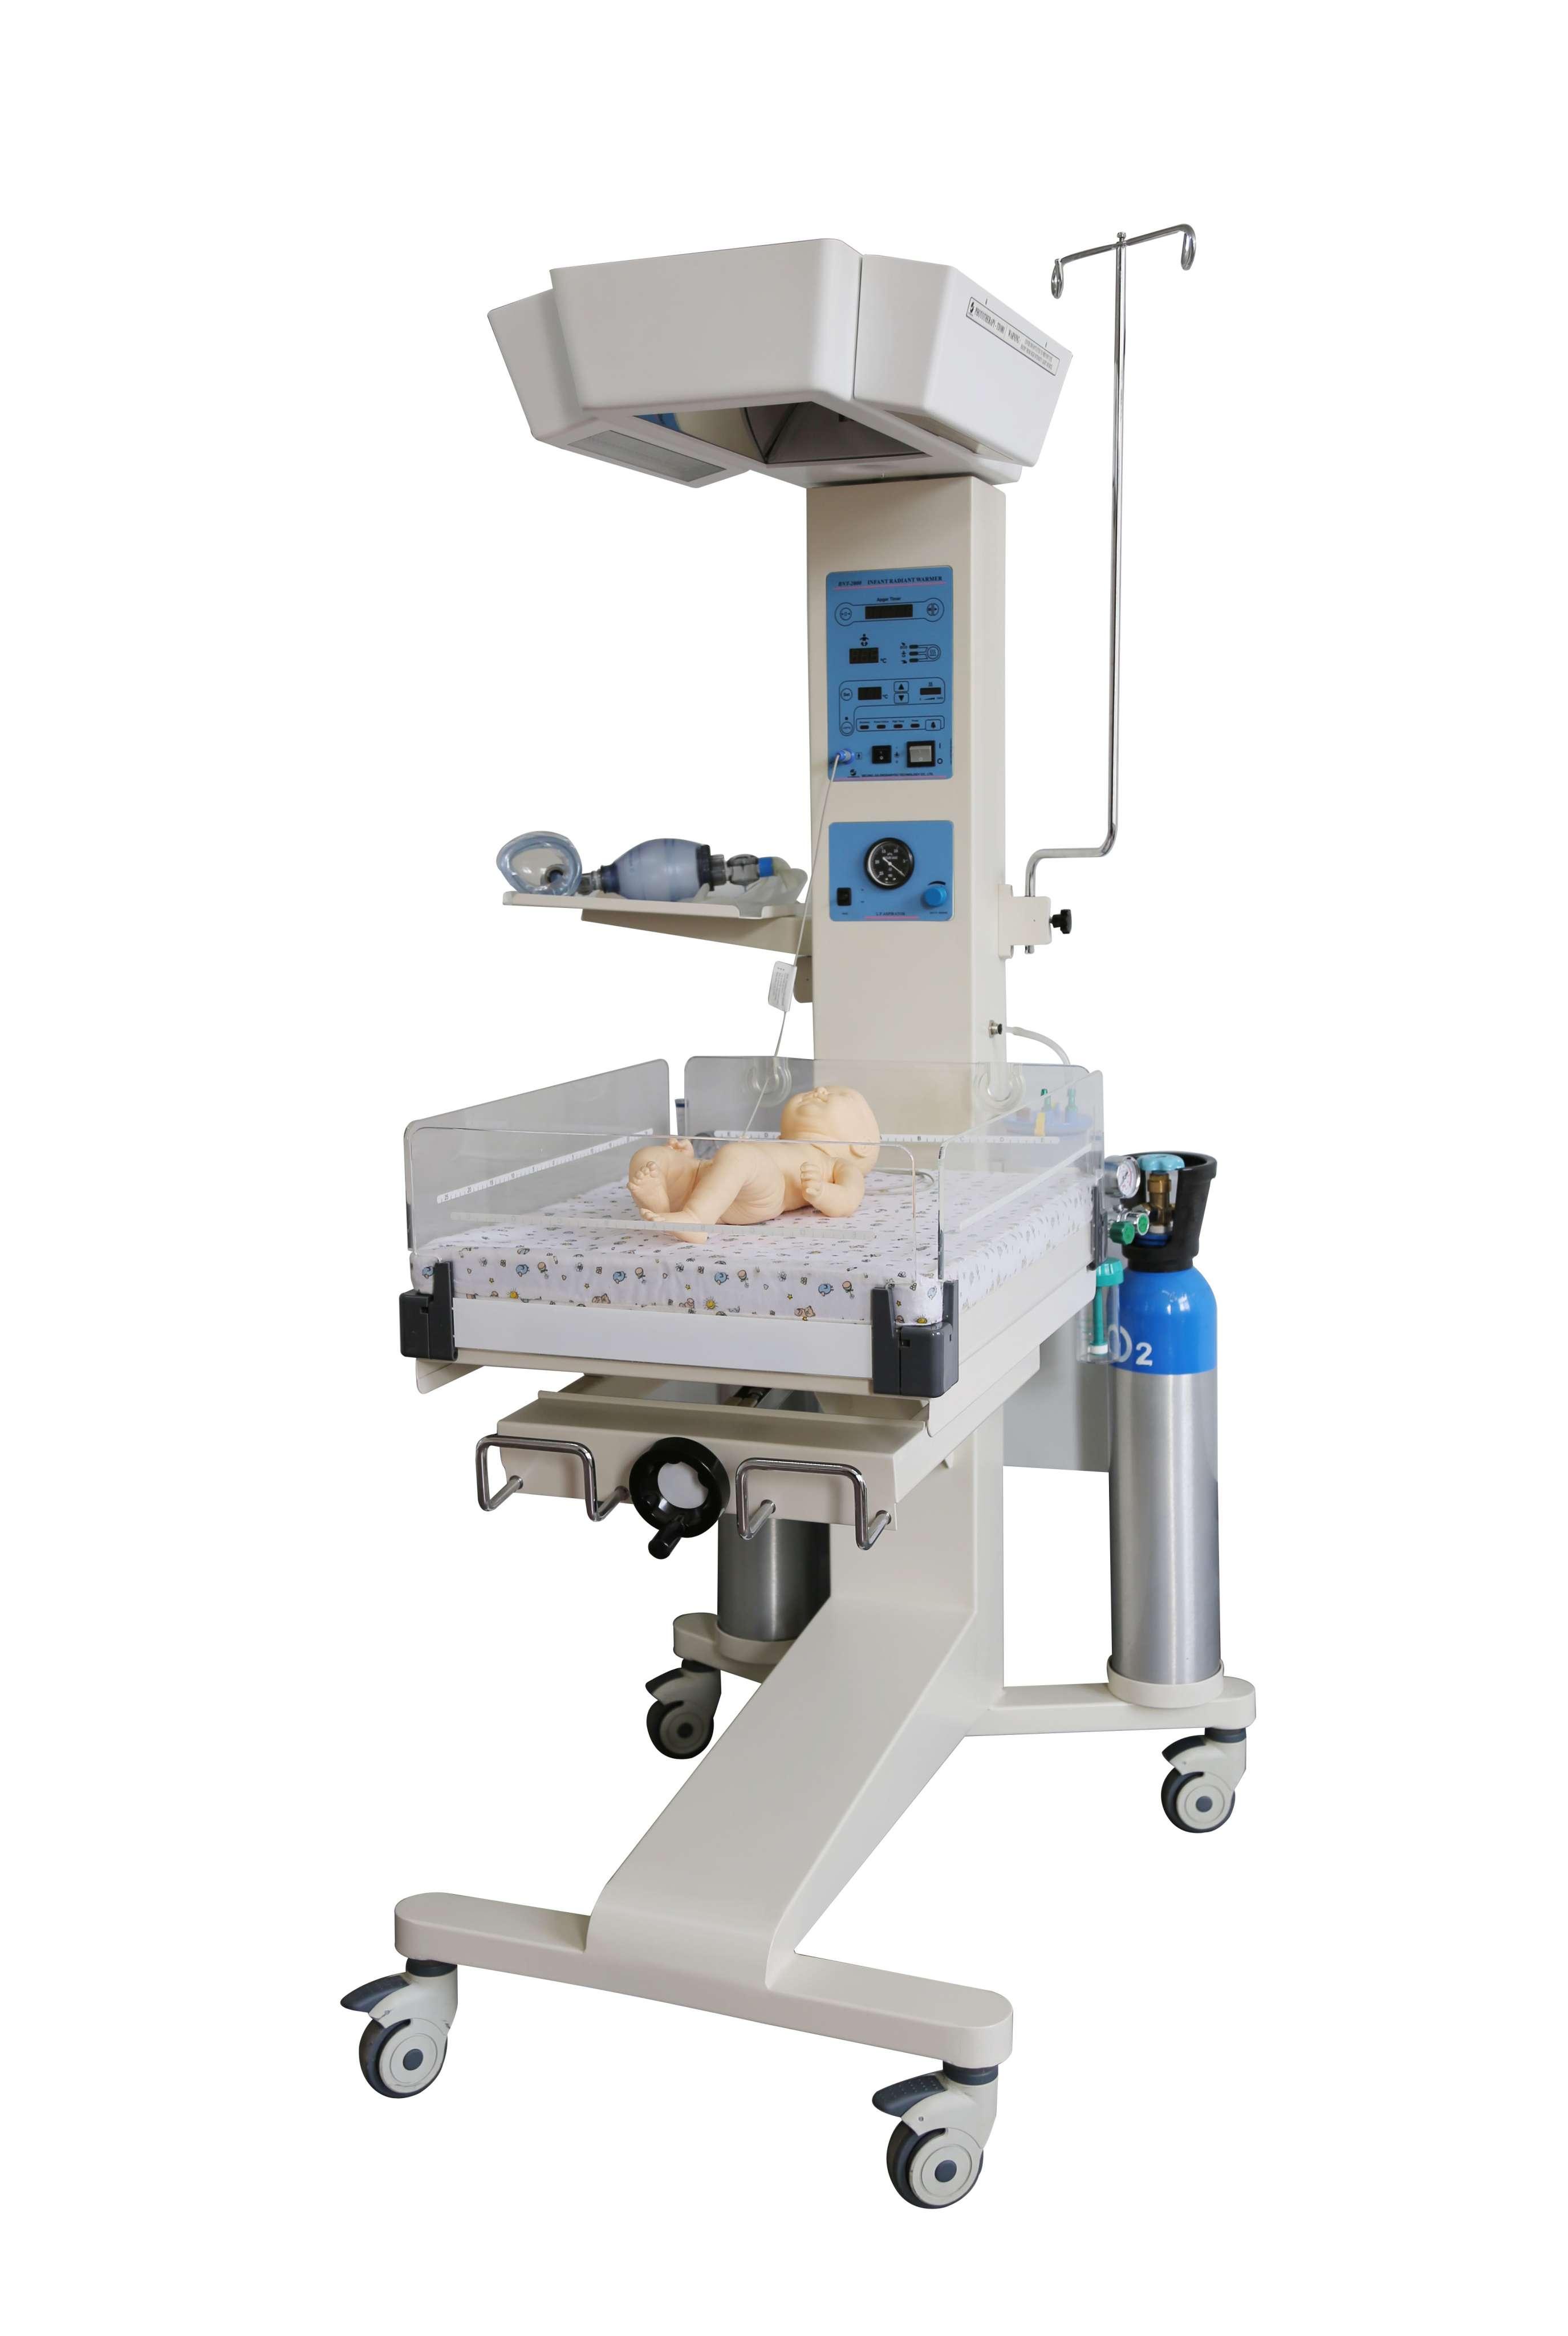 Bnt-2000b infant radiant warmer